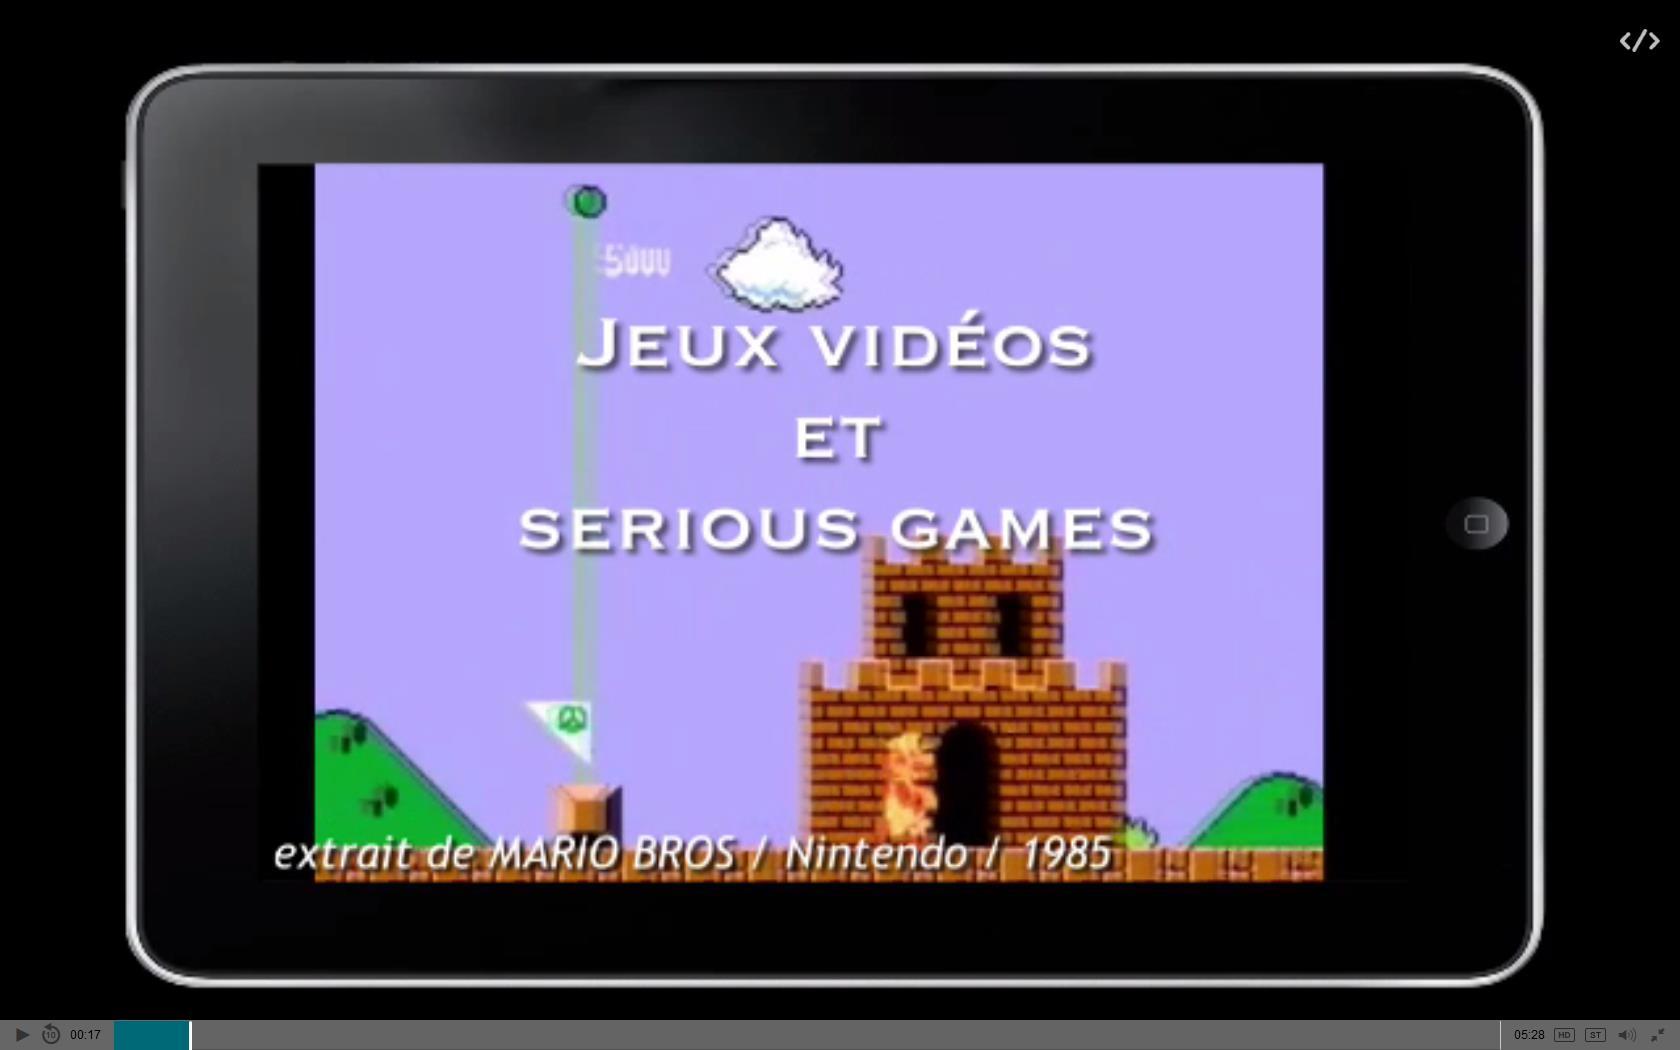 Les jeux sérieux : une alternative d'apprentissage intéressante ?